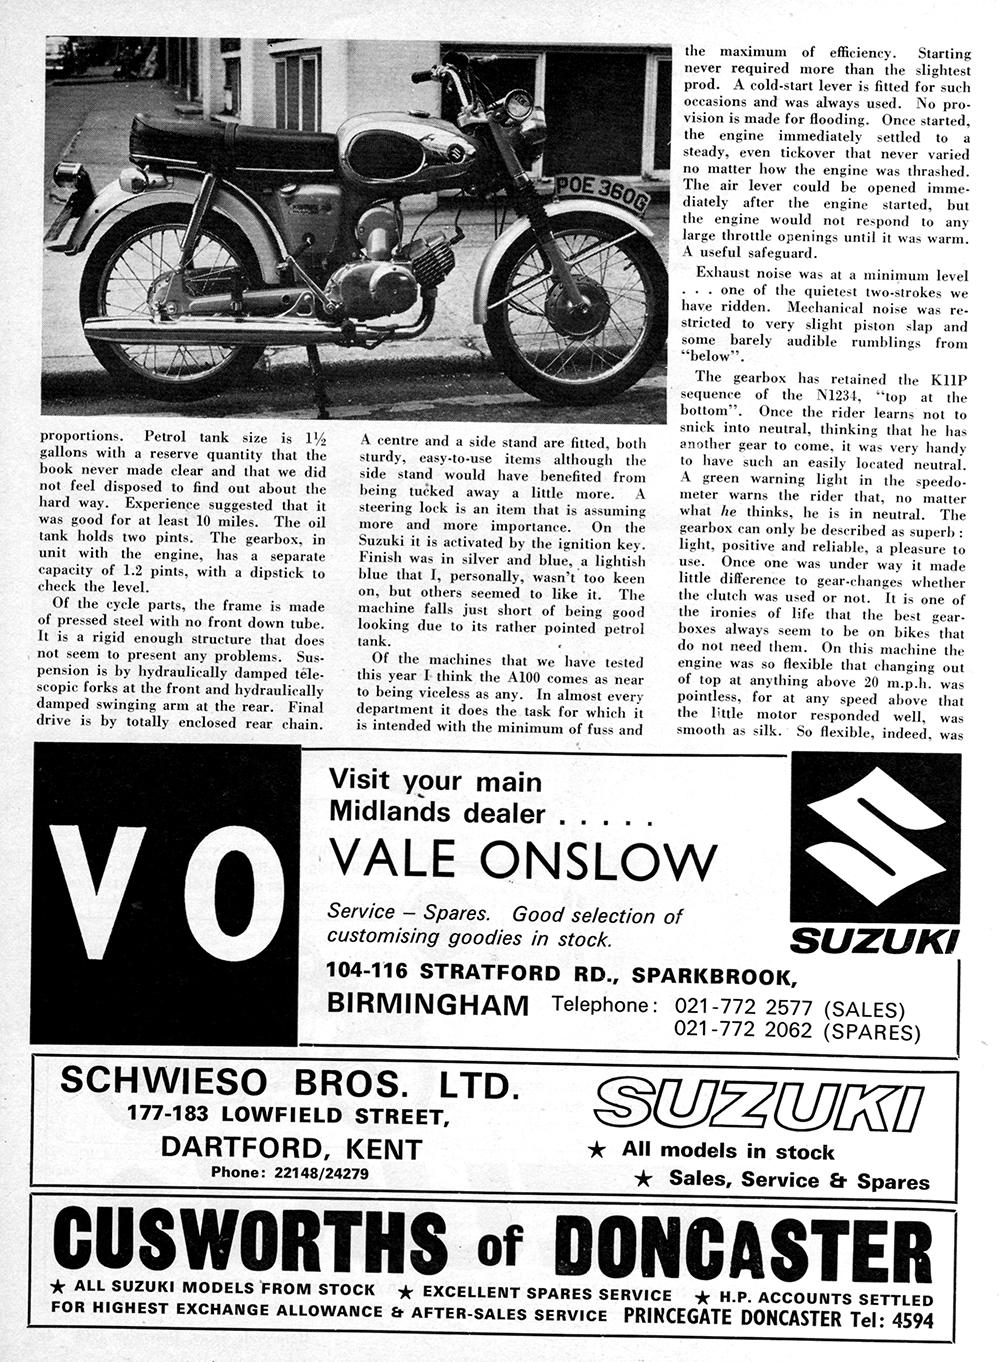 1970 Suzuki A100 road test 2.jpg